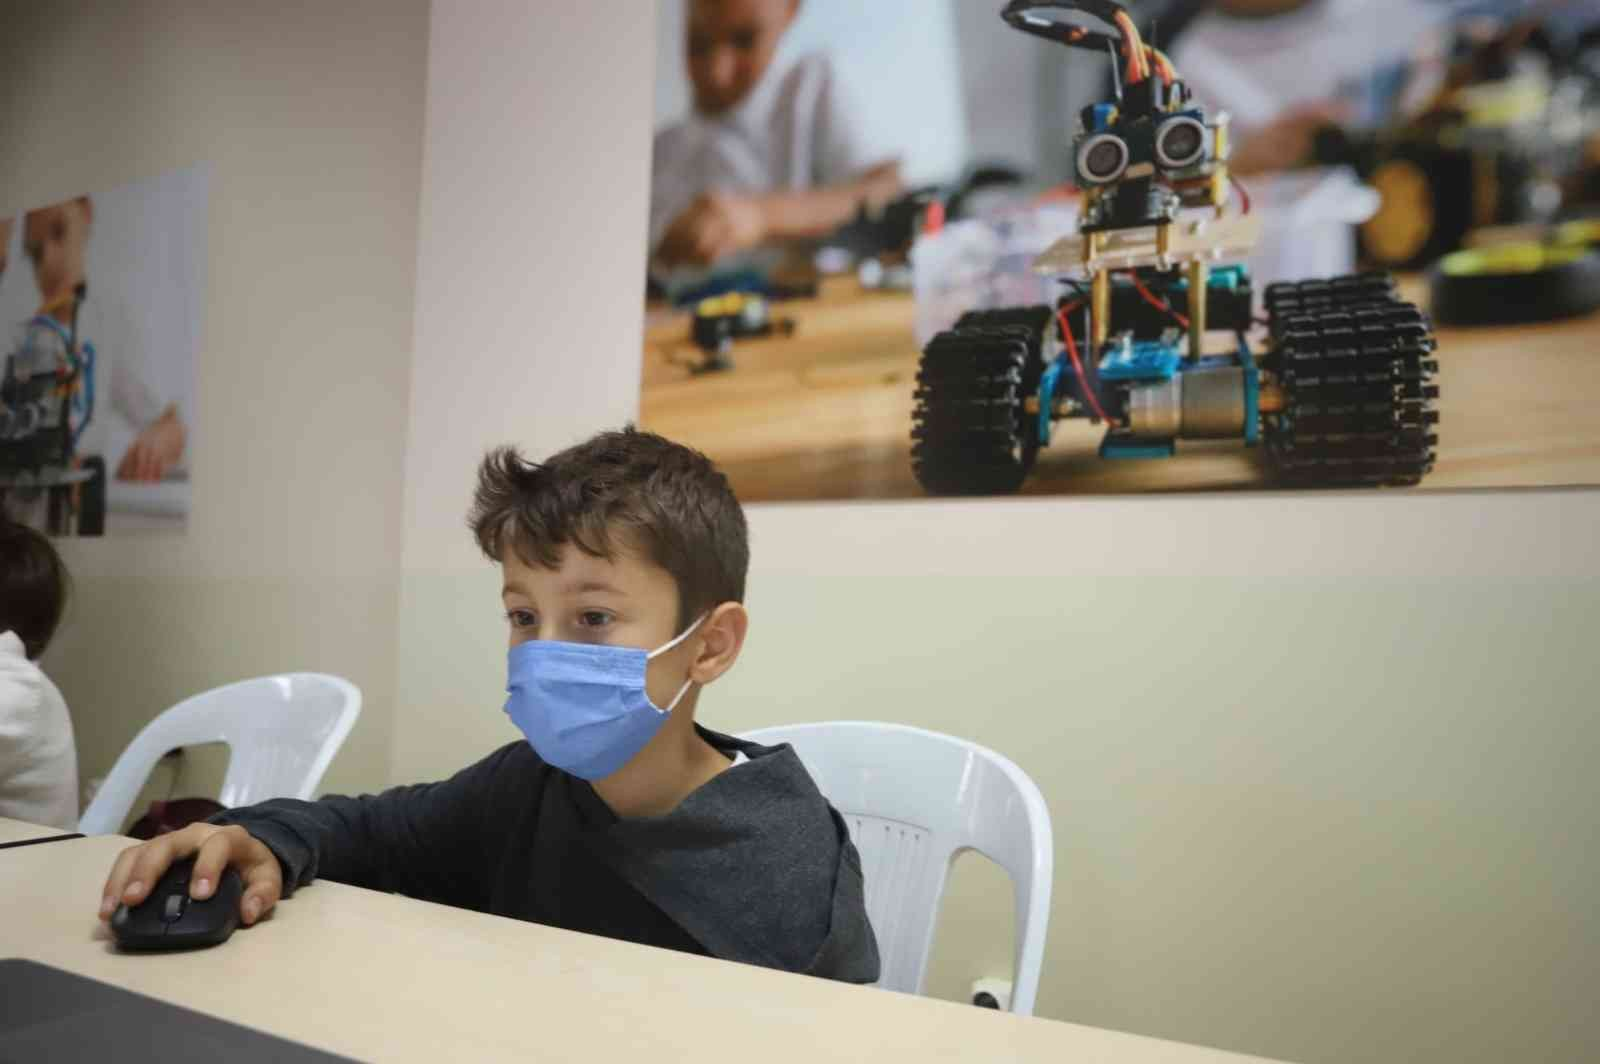 Kartal Belediyesinden çocuklara 'robotik kodlama eğitimi'